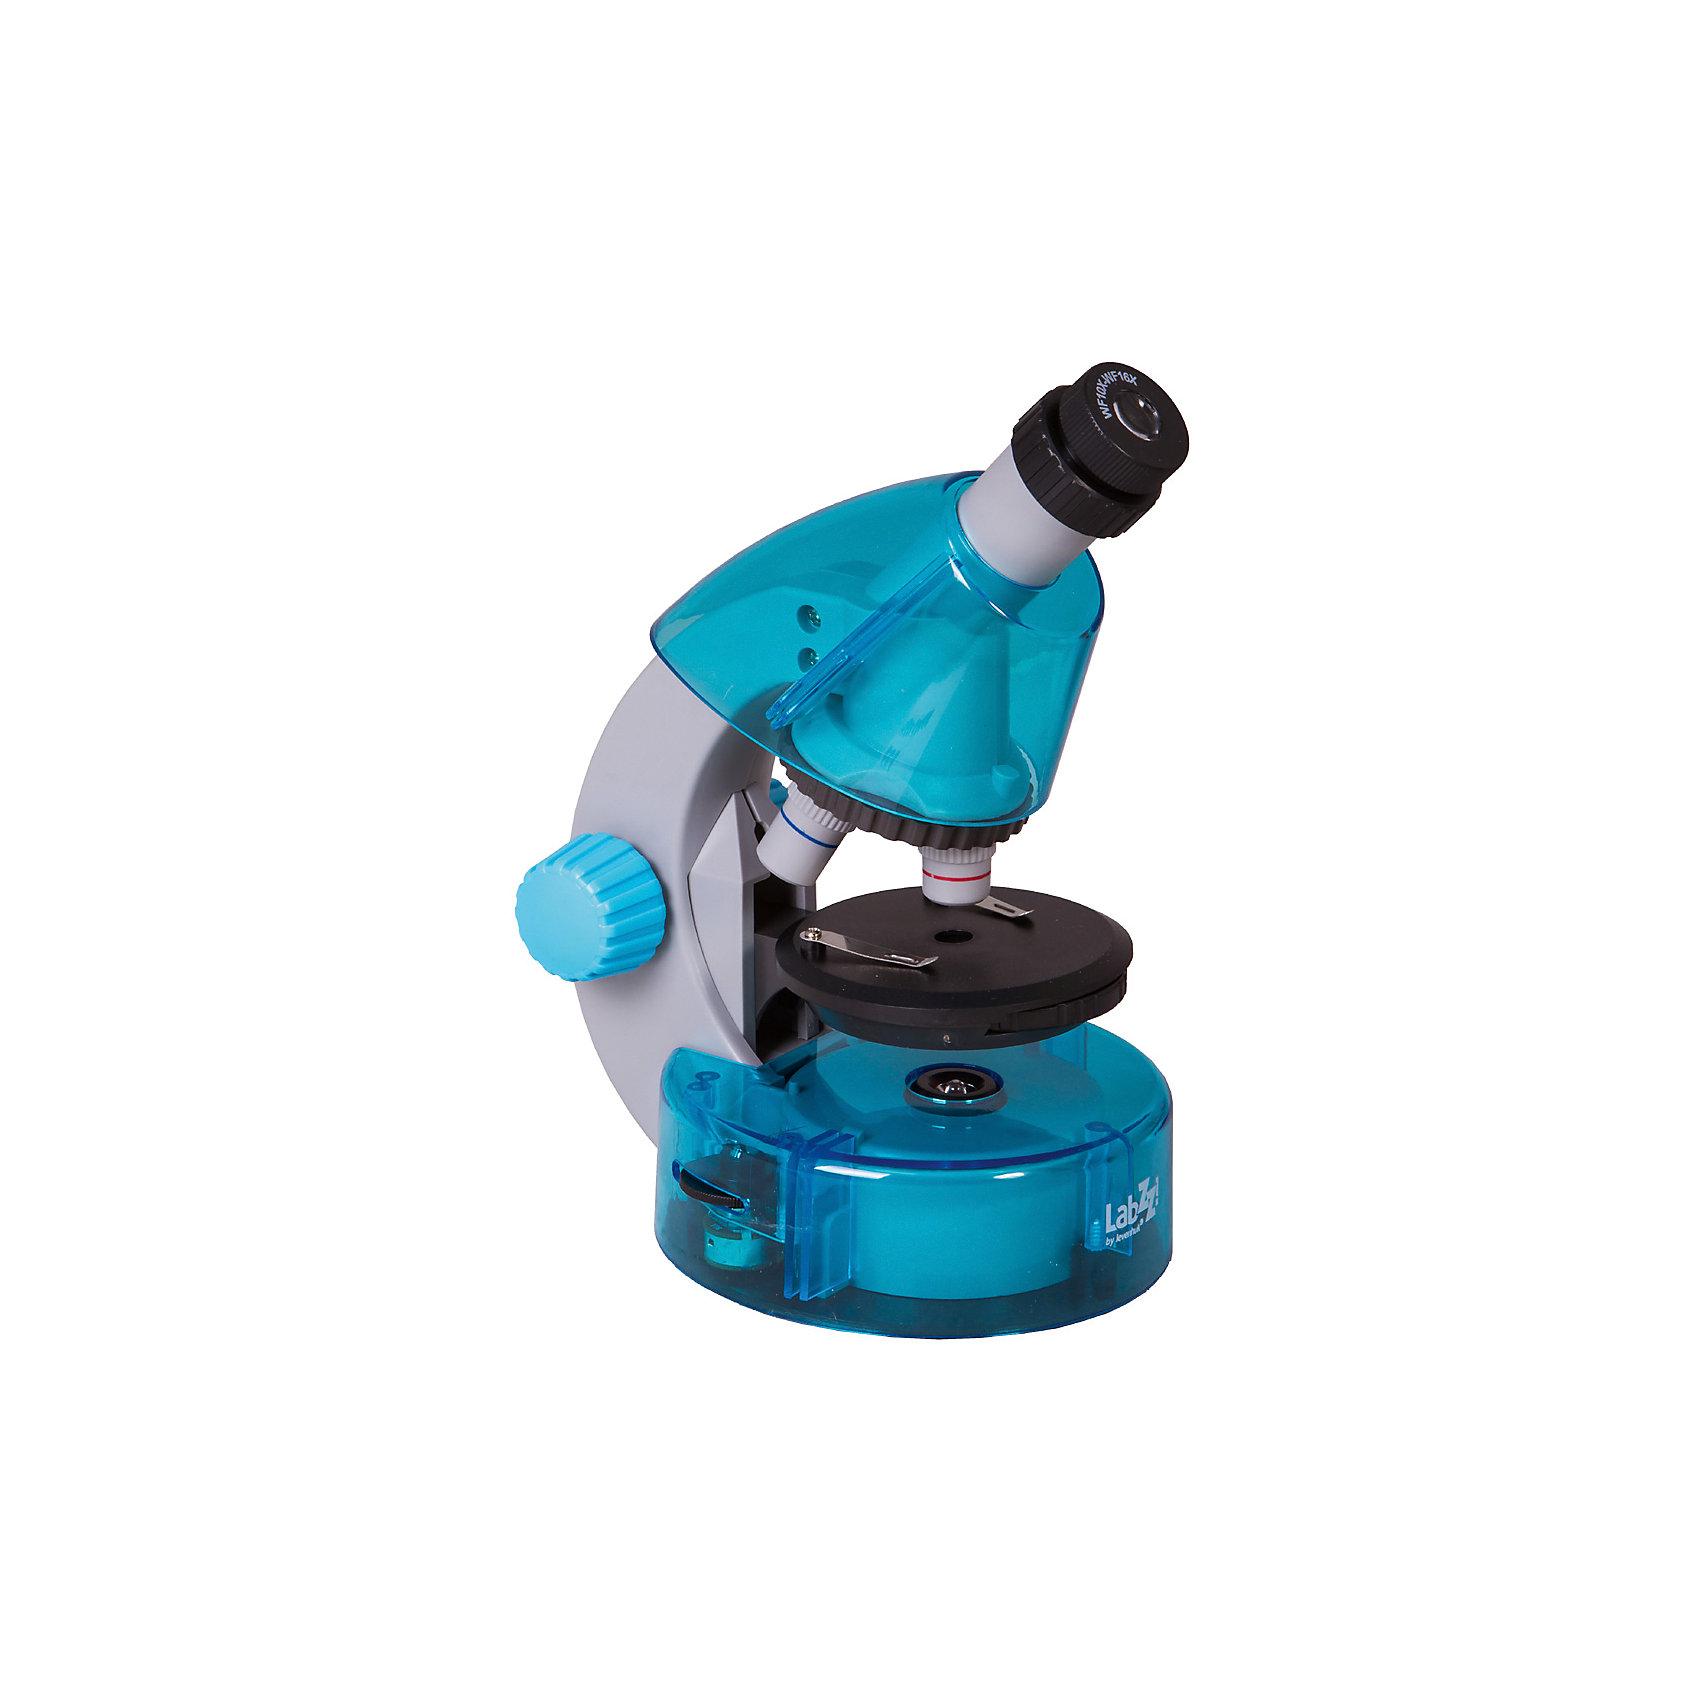 Микроскоп Levenhuk LabZZ M101 Azure\ЛазурьМикроскопы<br>Характеристики товара:<br><br>• материал: металл, пластик<br>• увеличение: до 640 крат<br>• набор для опытов в комплекте<br>• прочный металлический корпус<br>• подсветка: светодиод<br>• лампа работает от батареек 2хАА<br>• комплектация: микроскоп, объективы: 4х, 10х и 40хs, окуляр: WF10x–16x (двухпозиционный), Предметный столик с зажимами, диск с диафрагмами, конденсор, встроенные нижний и верхний осветители на светодиодах, сетевой адаптер (питание 220 В, 50 Гц), инструкция по эксплуатации и гарантийный талон, пинцет, инкубатор для артемии, микротом, флакон с дрожжами, флакон со смолой для изготовления препаратов, флакон с морской солью, флакон с артемией (морским рачком), 5 готовых образцов и 5 чистых предметных стекол, пипетка, пылезащитный чехол<br>• страна бренда: США<br>• страна производства: КНР<br><br>Собственный микроскоп - это отличный способ заинтересовать ребенка наукой и привить ему интерес к учебе. Эта модель микроскопа была разработана специально для детей - он позволяет увеличивать препарат в 640 крат, с помощью этого дети могут исследовать состав и структуру разнообразных предметов, веществ и организмов. Благодаря стильному дизайну этот микроскоп отлично вписывается в интерьер!<br><br>Оптические приборы от американской компании Levenhuk уже успели зарекомендовать себя как качественная и надежная продукция. Для их производства используются только безопасные и проверенные материалы. Такой прибор способен прослужить долго. Подарите ребенку интересную и полезную вещь!<br><br>Микроскоп Levenhuk LabZZ M101 Azure\Лазурь камень от известного бренда Levenhuk (Левенгук) можно купить в нашем интернет-магазине.<br><br>Ширина мм: 130<br>Глубина мм: 185<br>Высота мм: 270<br>Вес г: 930<br>Возраст от месяцев: 60<br>Возраст до месяцев: 2147483647<br>Пол: Унисекс<br>Возраст: Детский<br>SKU: 5435287